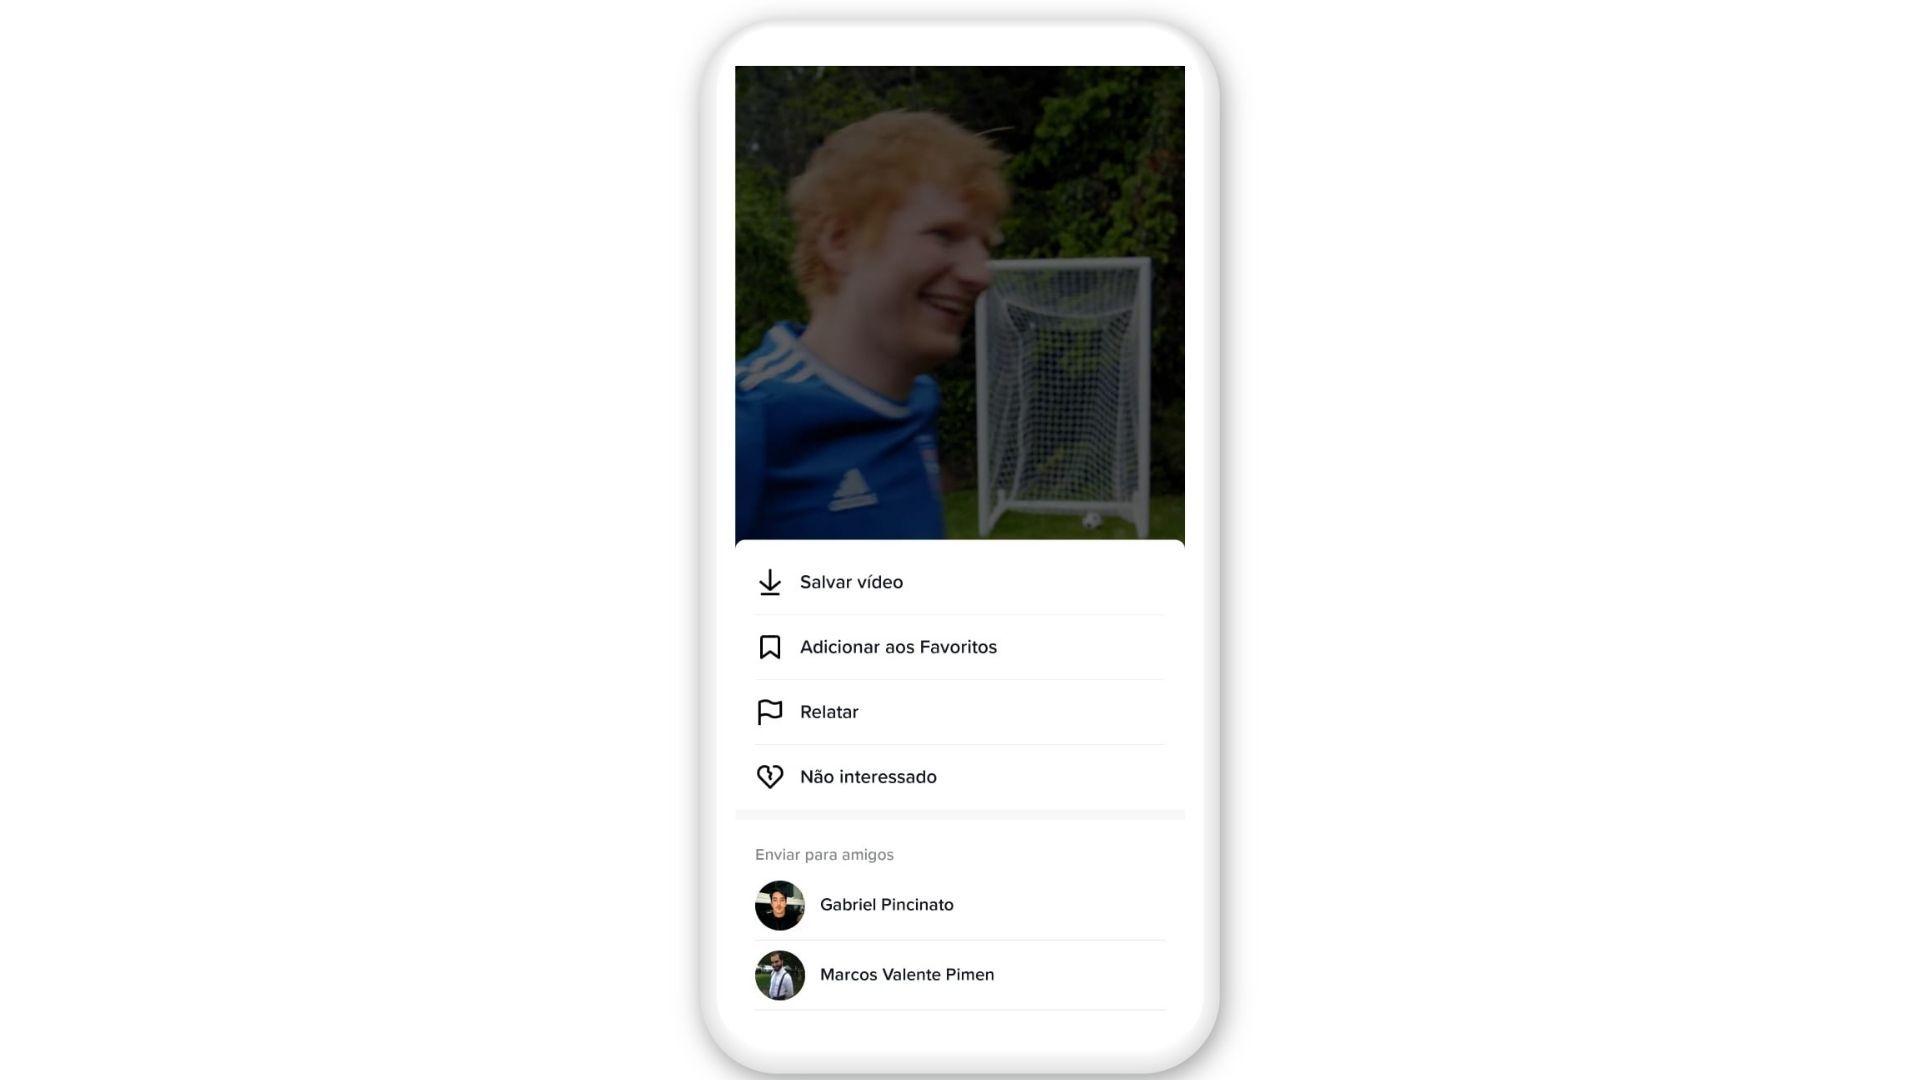 Segure por alguns segundos na tela para abrir o menu e salvar o vídeo (Foto: Reprodução/TikTok)